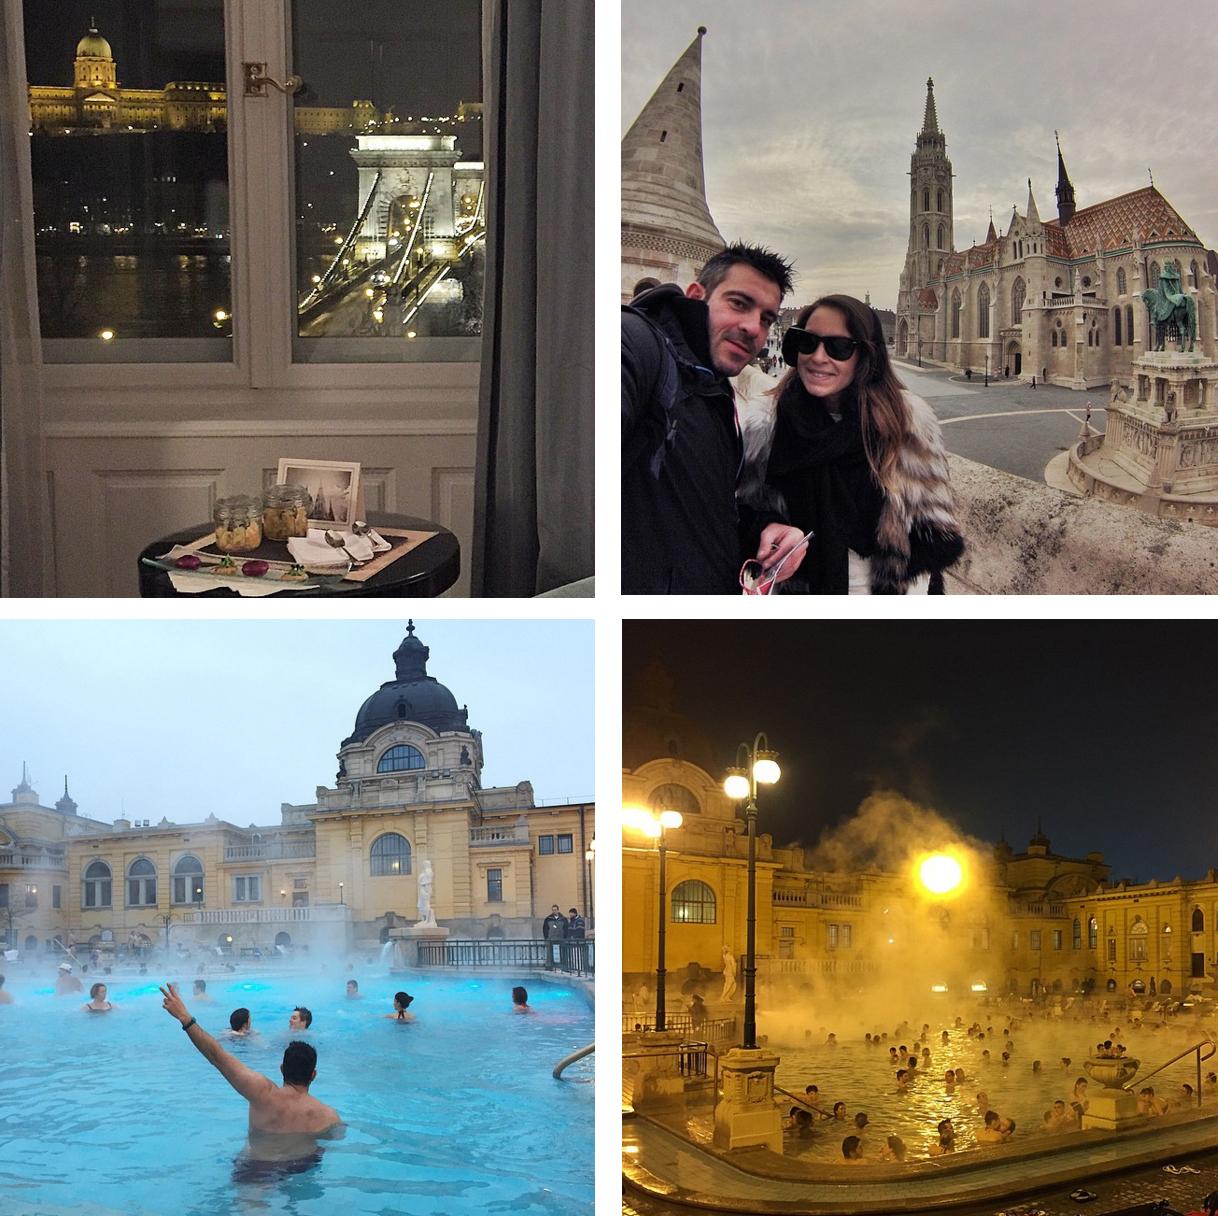 Budapest (Hungría) memoria de viajes 2015 - 23838512000 f6c6eb9a74 o - Memoria de Viajes 2015